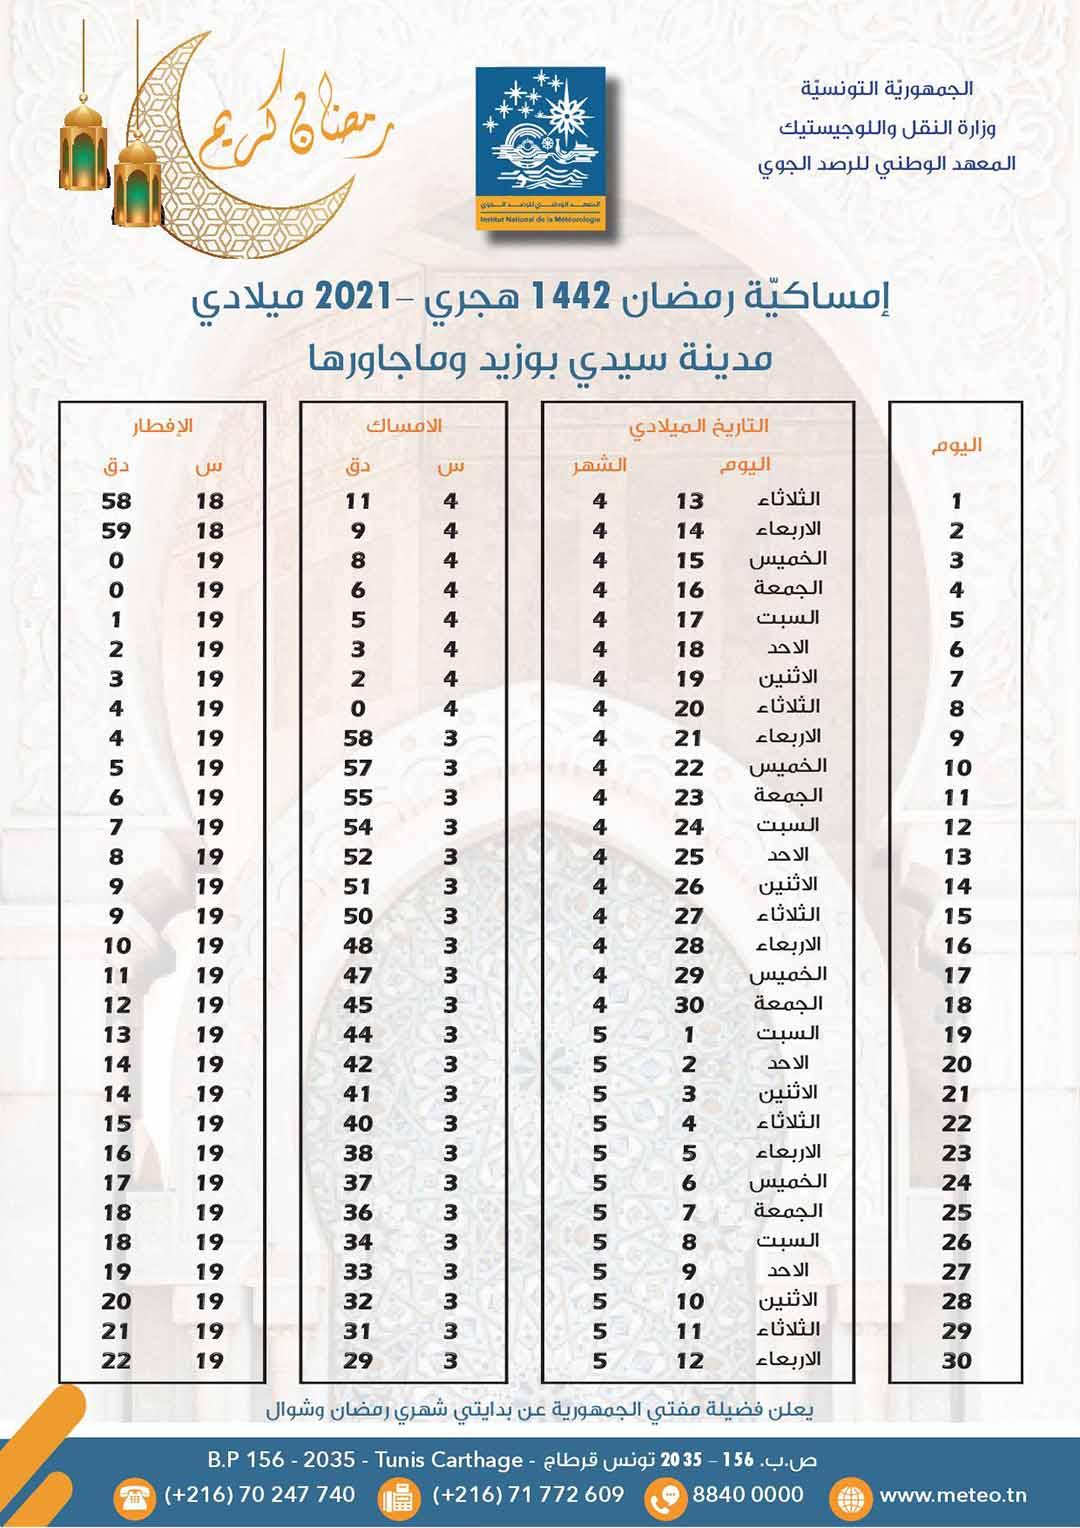 مواعيد الافطار و السحور في ولاية سيدي بوزيد رمضان 2021 1 - هام: مواعيد الافطار والامساك لشهر رمضان حسب الولايات..